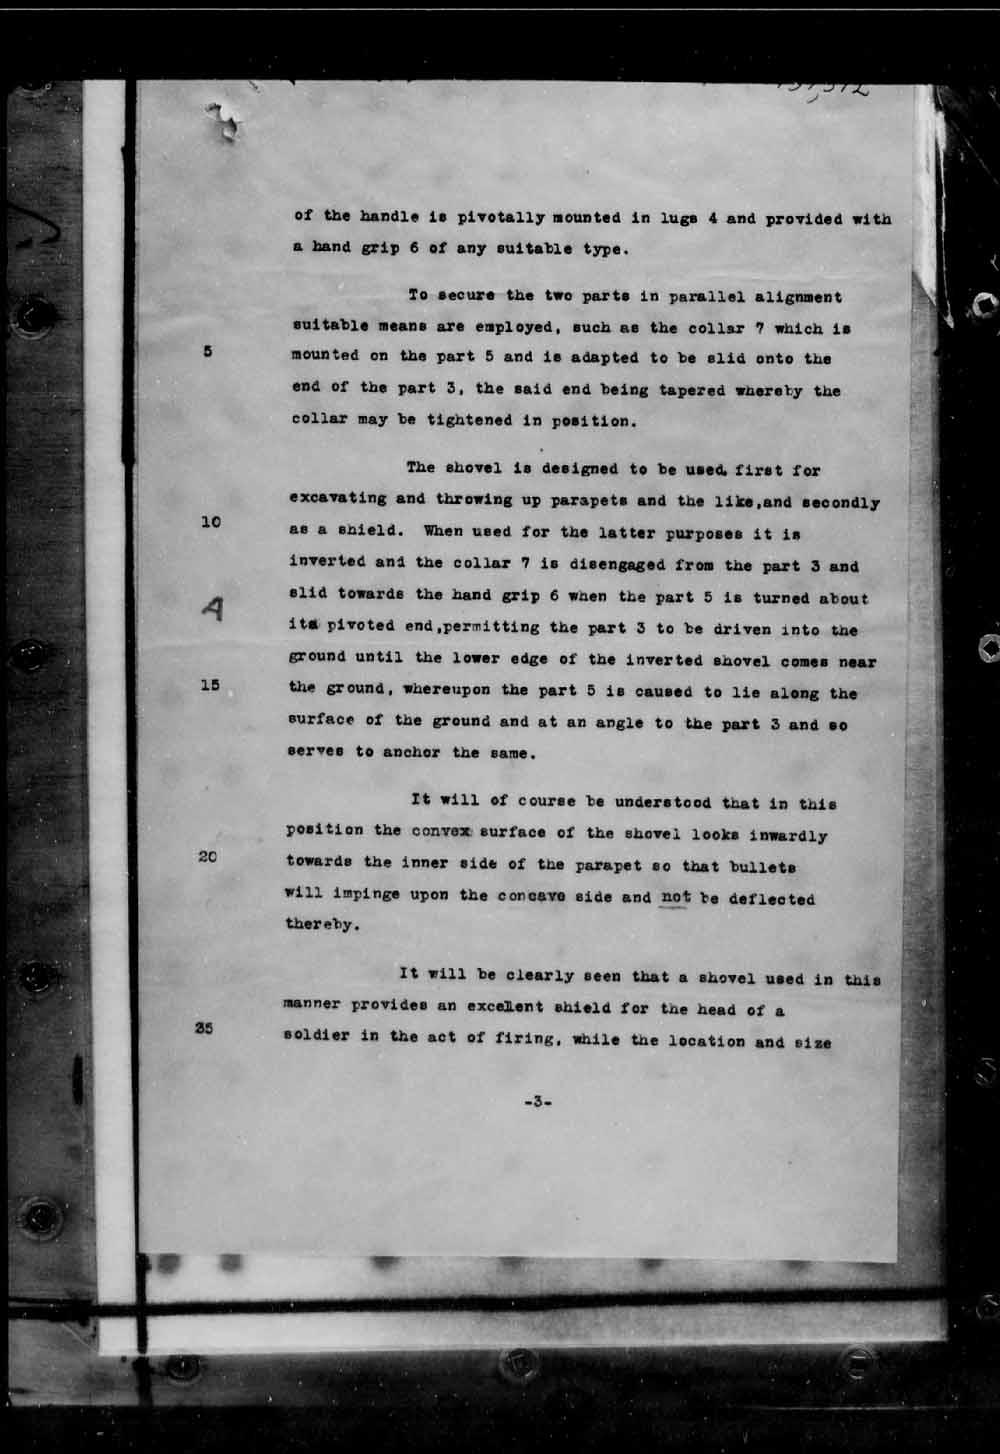 Page numérisé de Brevets canadiens, 1869-1919 pour l'image numéro: e005691676